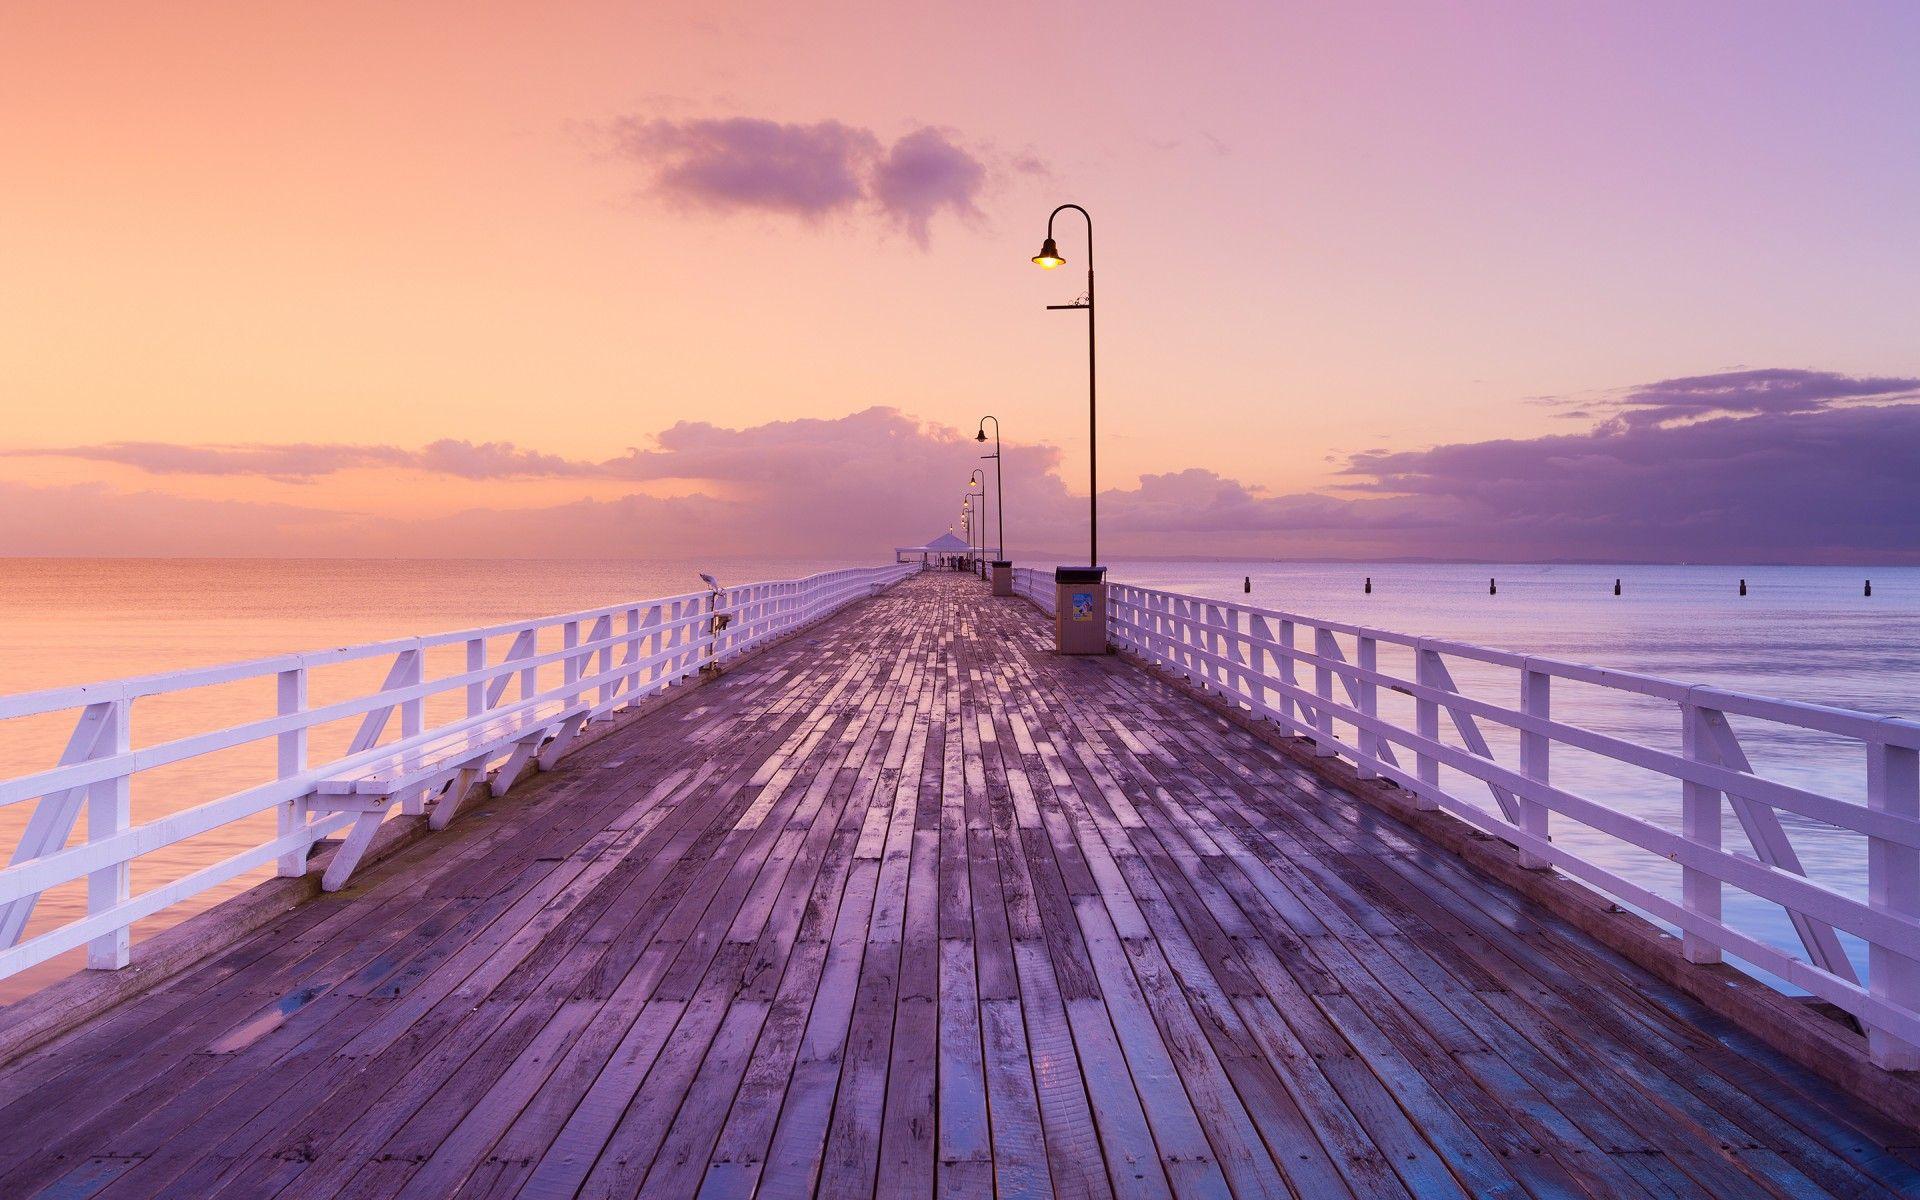 Dock Pier Sunset Sunrise Ocean Sky Clouds In 2019